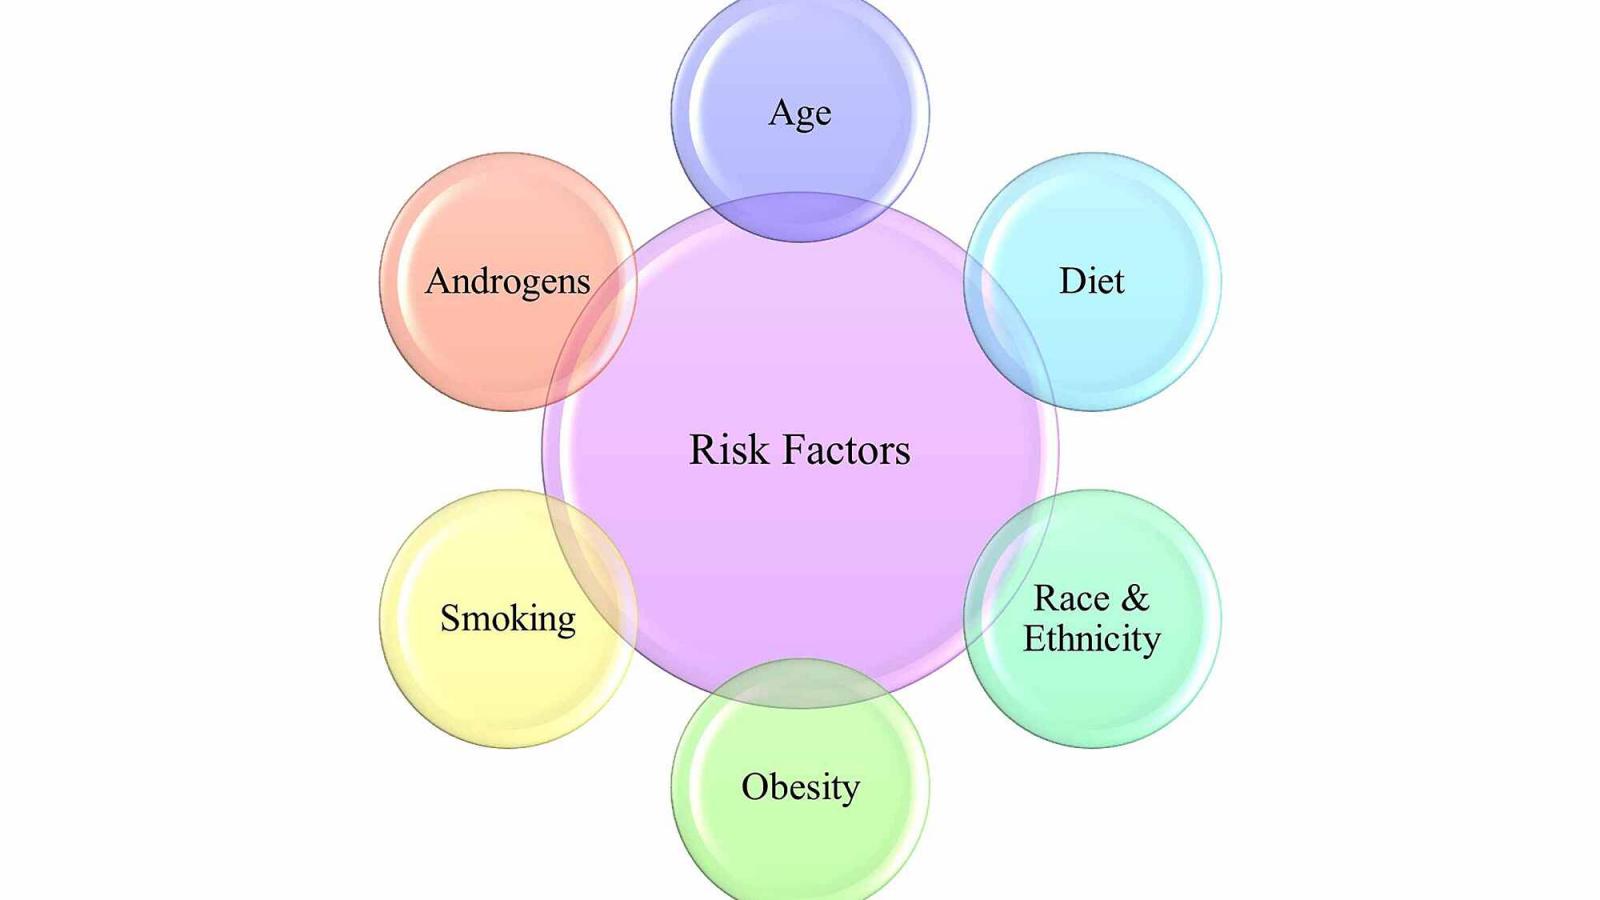 عامل خطر هر چیزی است که خطر ابتلا به بیماری را افزایش دهد. سرطان های مختلف عوامل خطر متفاوتی دارند ( مانند سرطان پروستات ). برخی از عوامل خطر مانند سیگار کشیدن قابل تغییر هستند. موارد دیگر ، مانند سن یا سابقه خانوادگی شخص ، قابل تغییر نیستند.